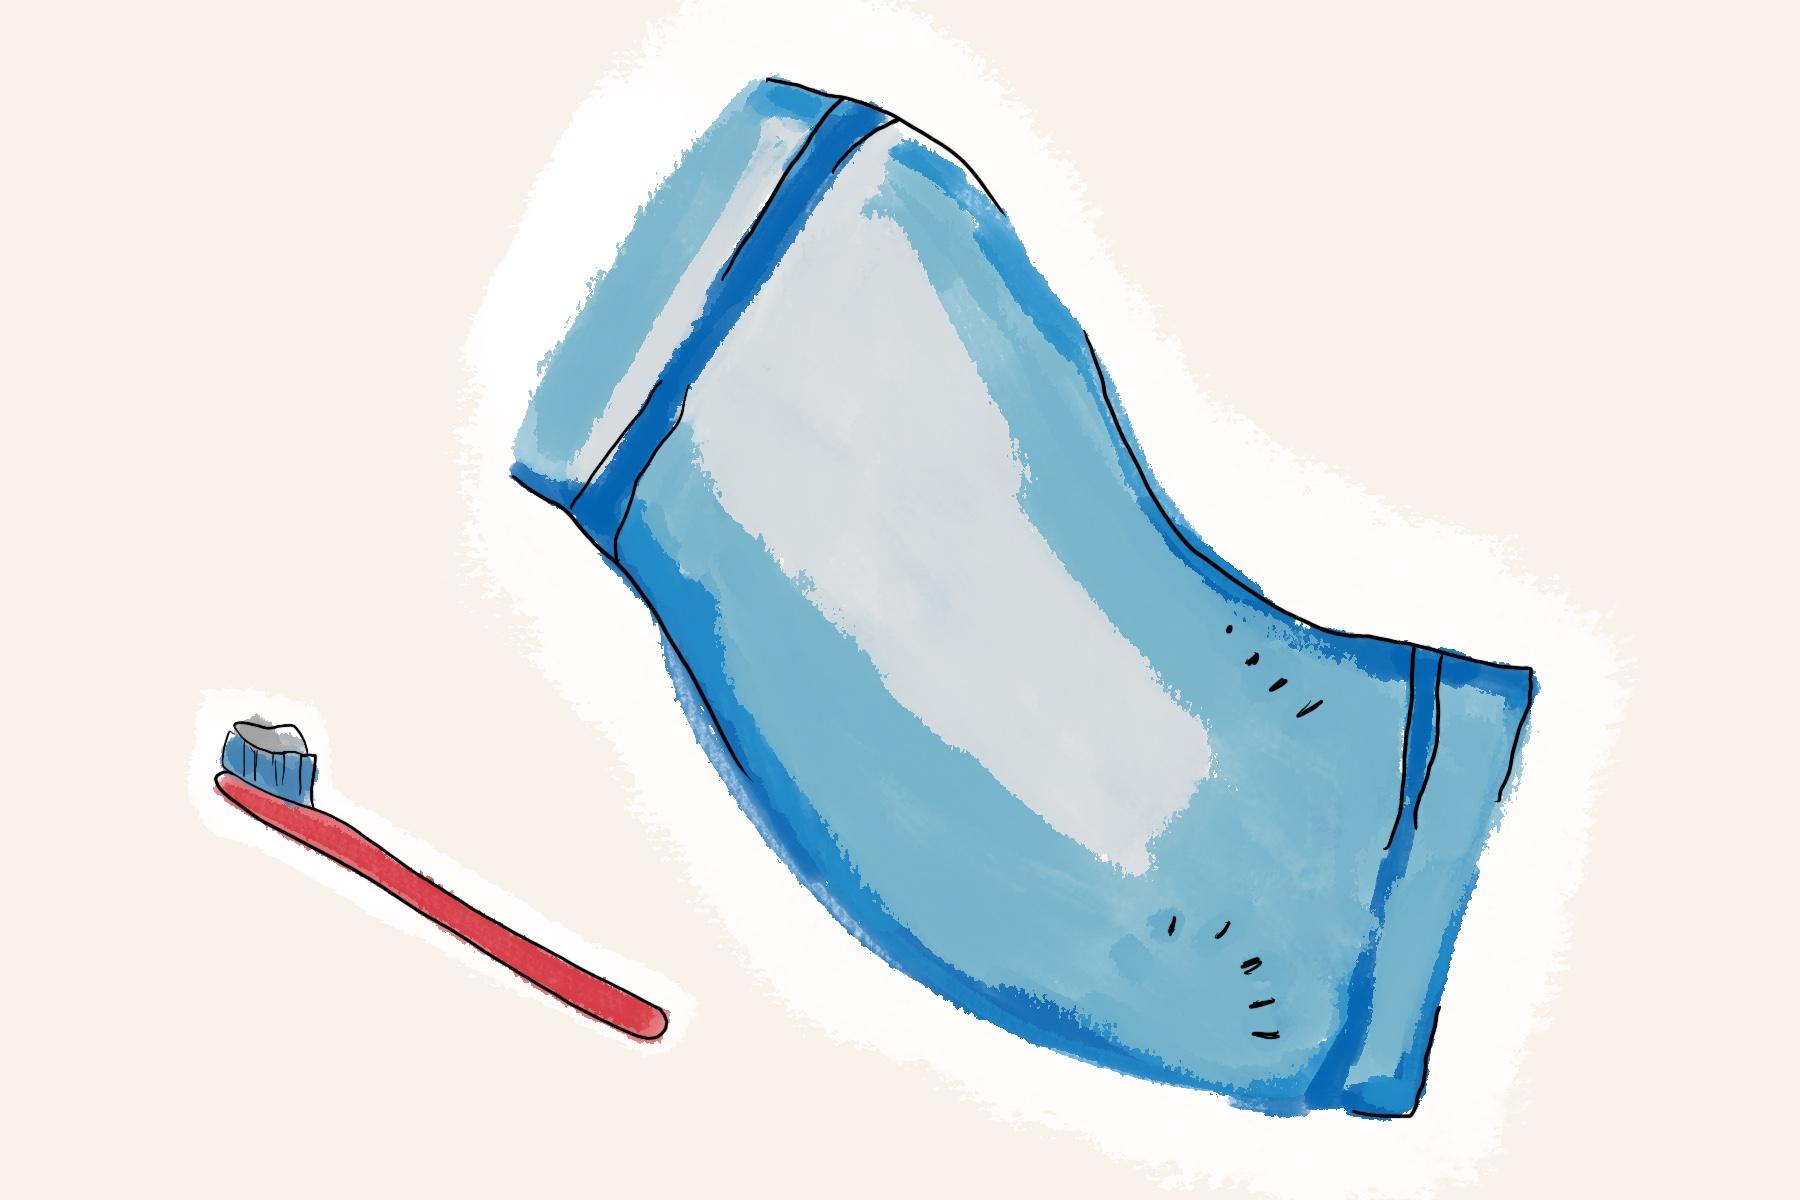 jak často uklízet - koupelna, jak často prát ručníky jak často měnit zubní kartáček